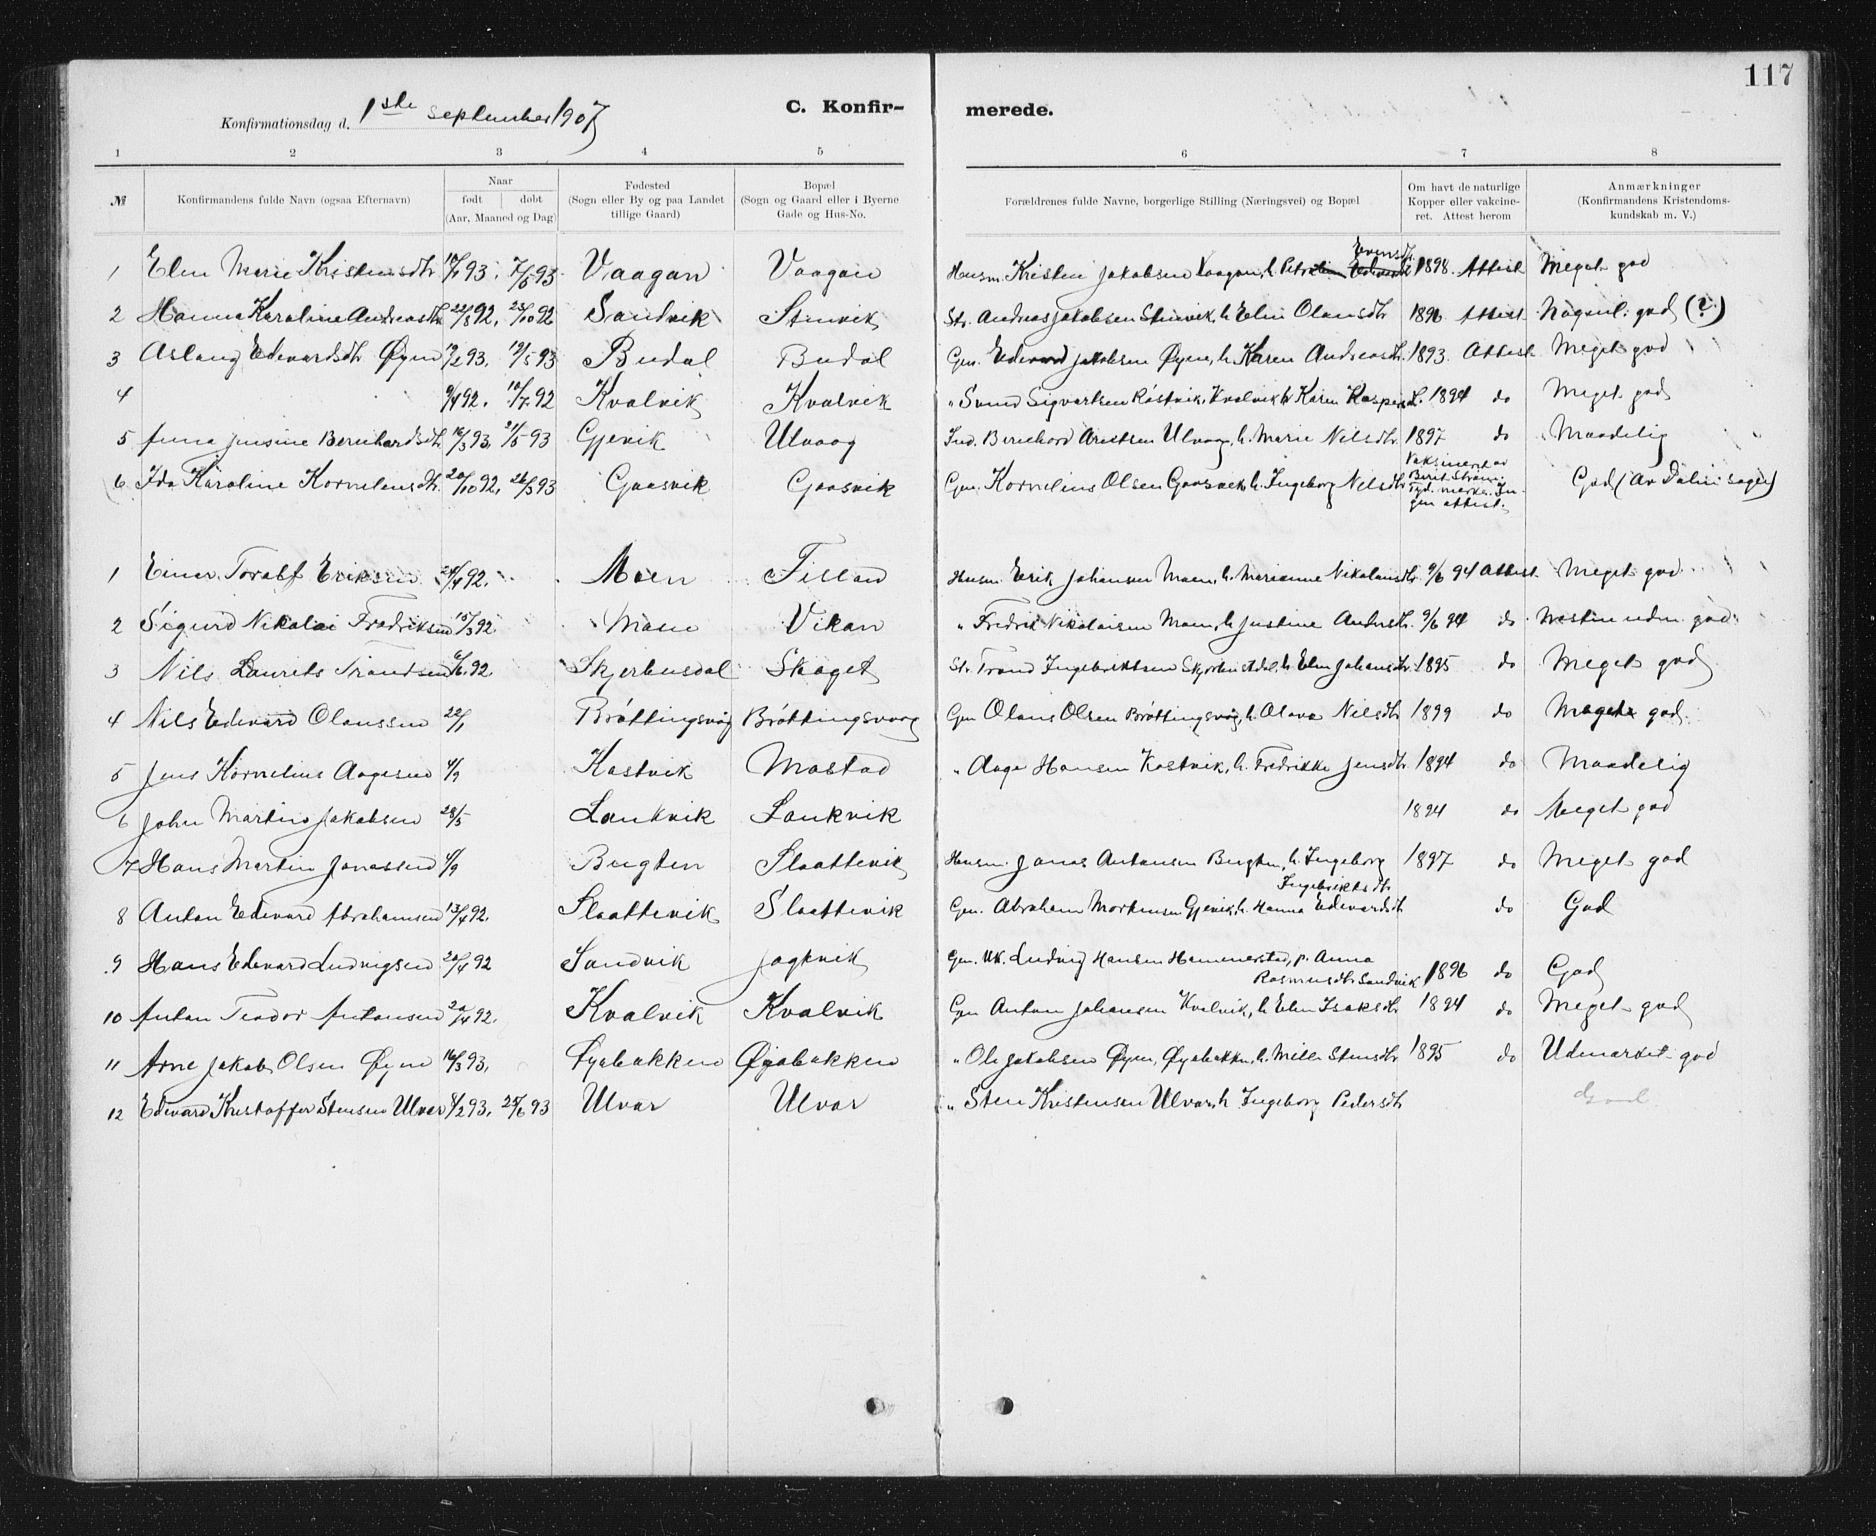 SAT, Ministerialprotokoller, klokkerbøker og fødselsregistre - Sør-Trøndelag, 637/L0563: Klokkerbok nr. 637C04, 1899-1940, s. 117